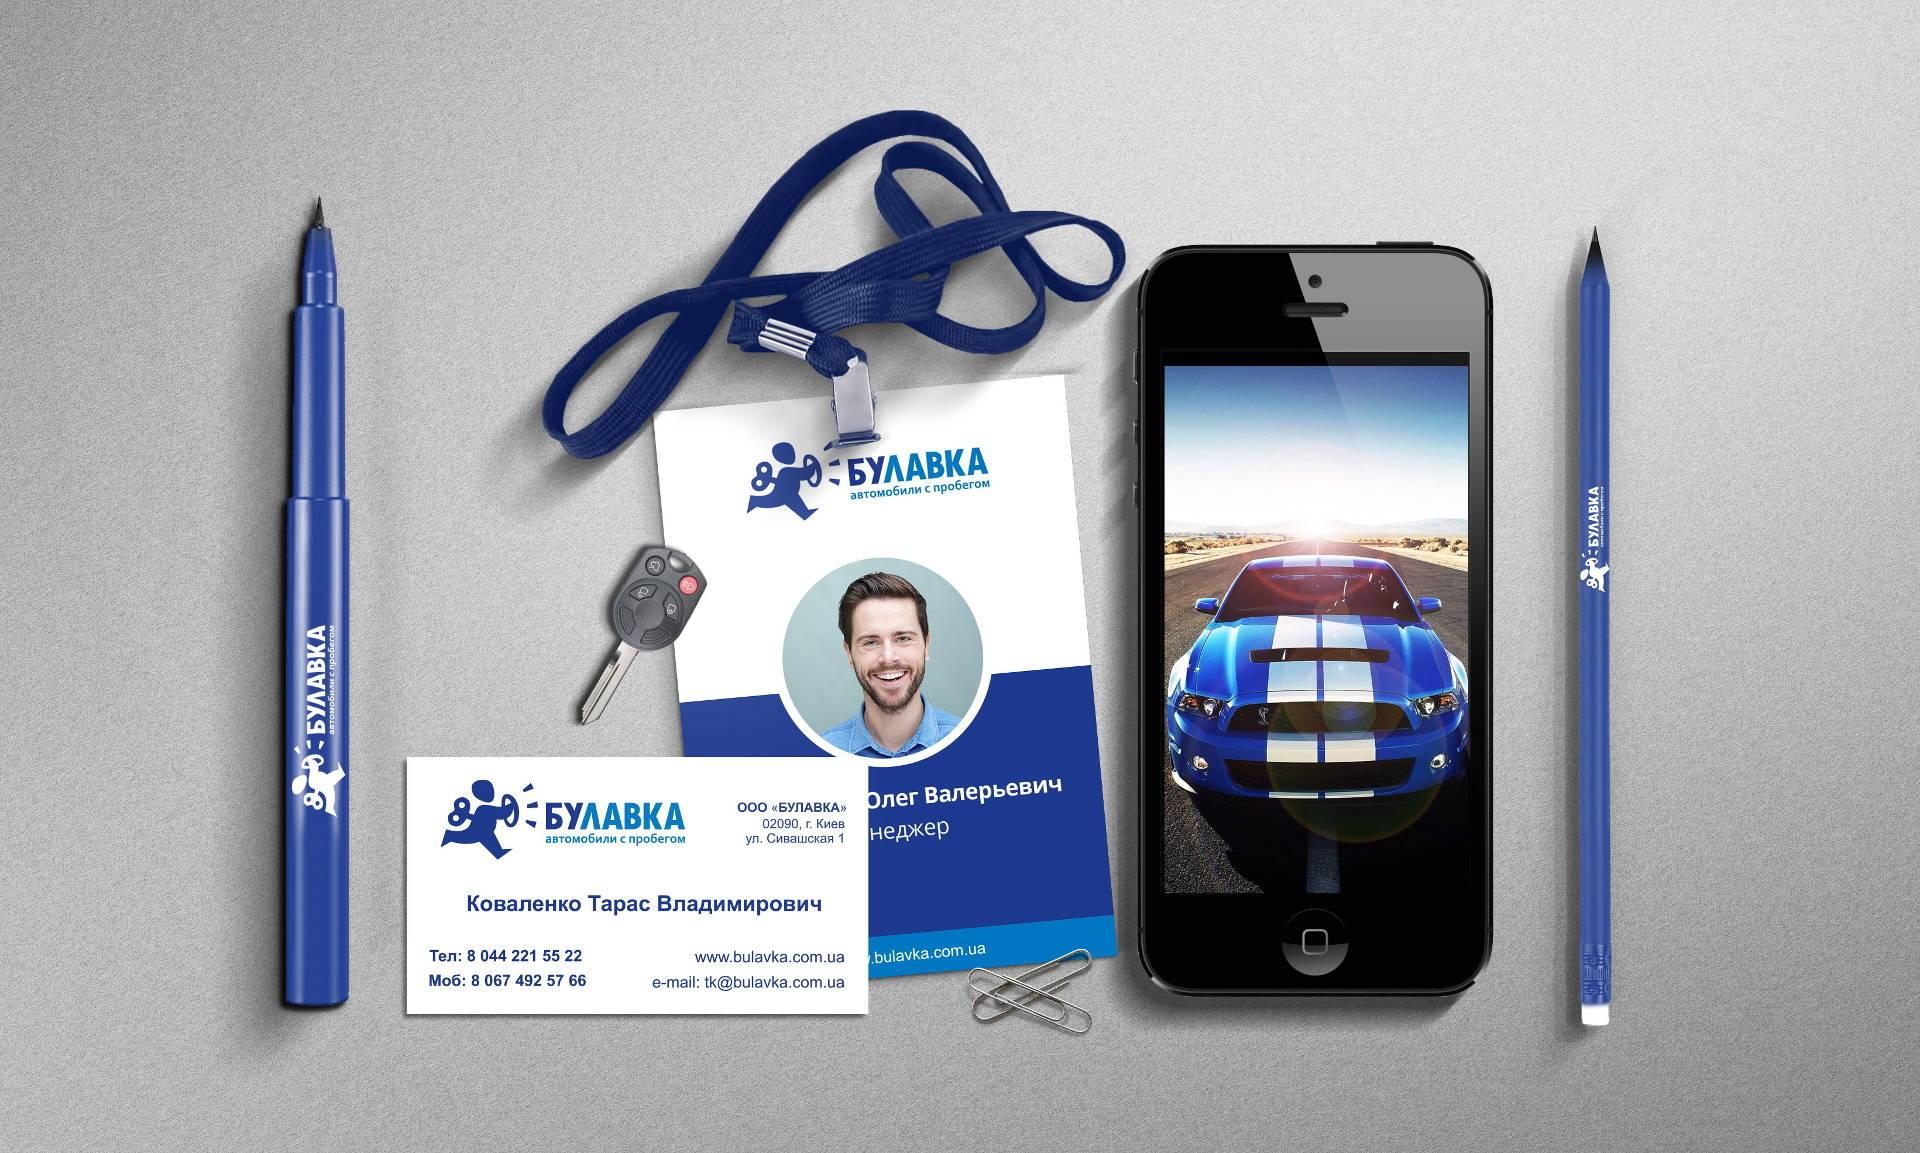 Автомобильная компания дизайн логотипа, Car company logo